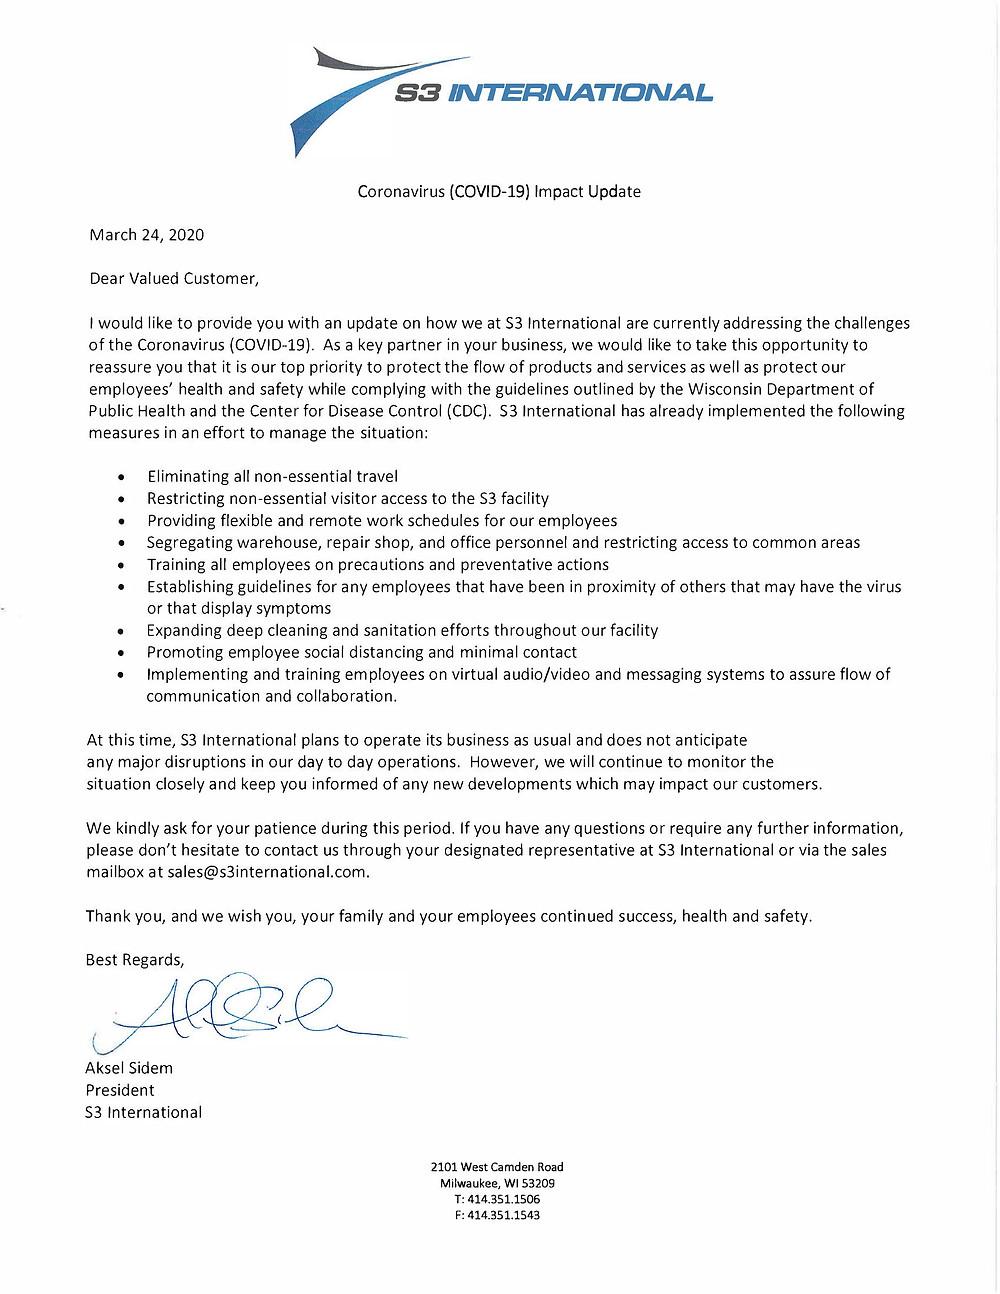 Coronavirus (COVID-19) Impact Update Letter